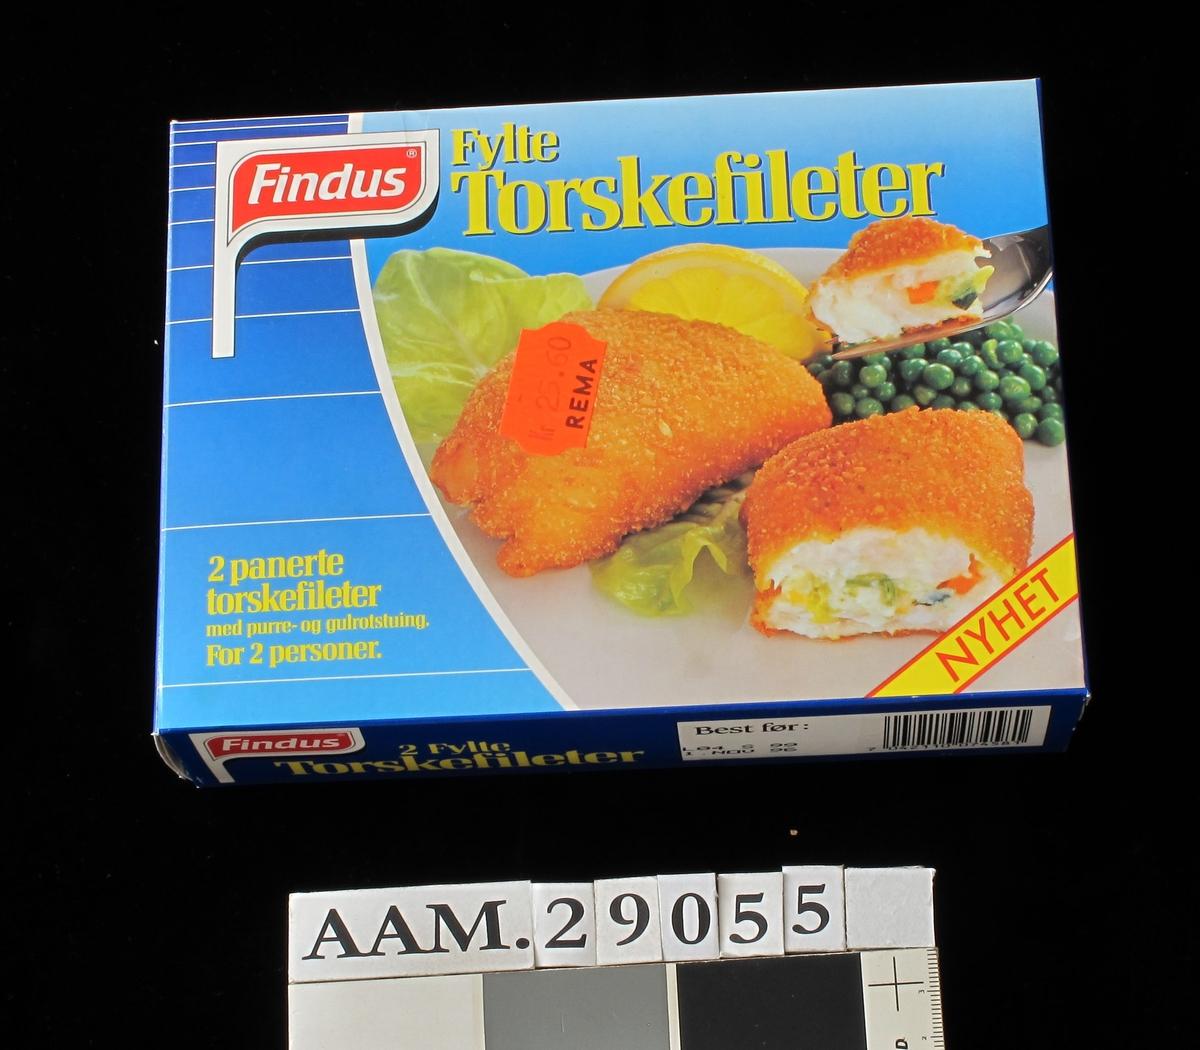 På forsiden gyllenstekte fiskestykkerr med sitron, erter og salat på hvitt fat mot blå bakgrunn. På baksiden midre bilde med fiskestykker, ris og grønnsaker på hvit talllerken.mot blå bakgrunn.